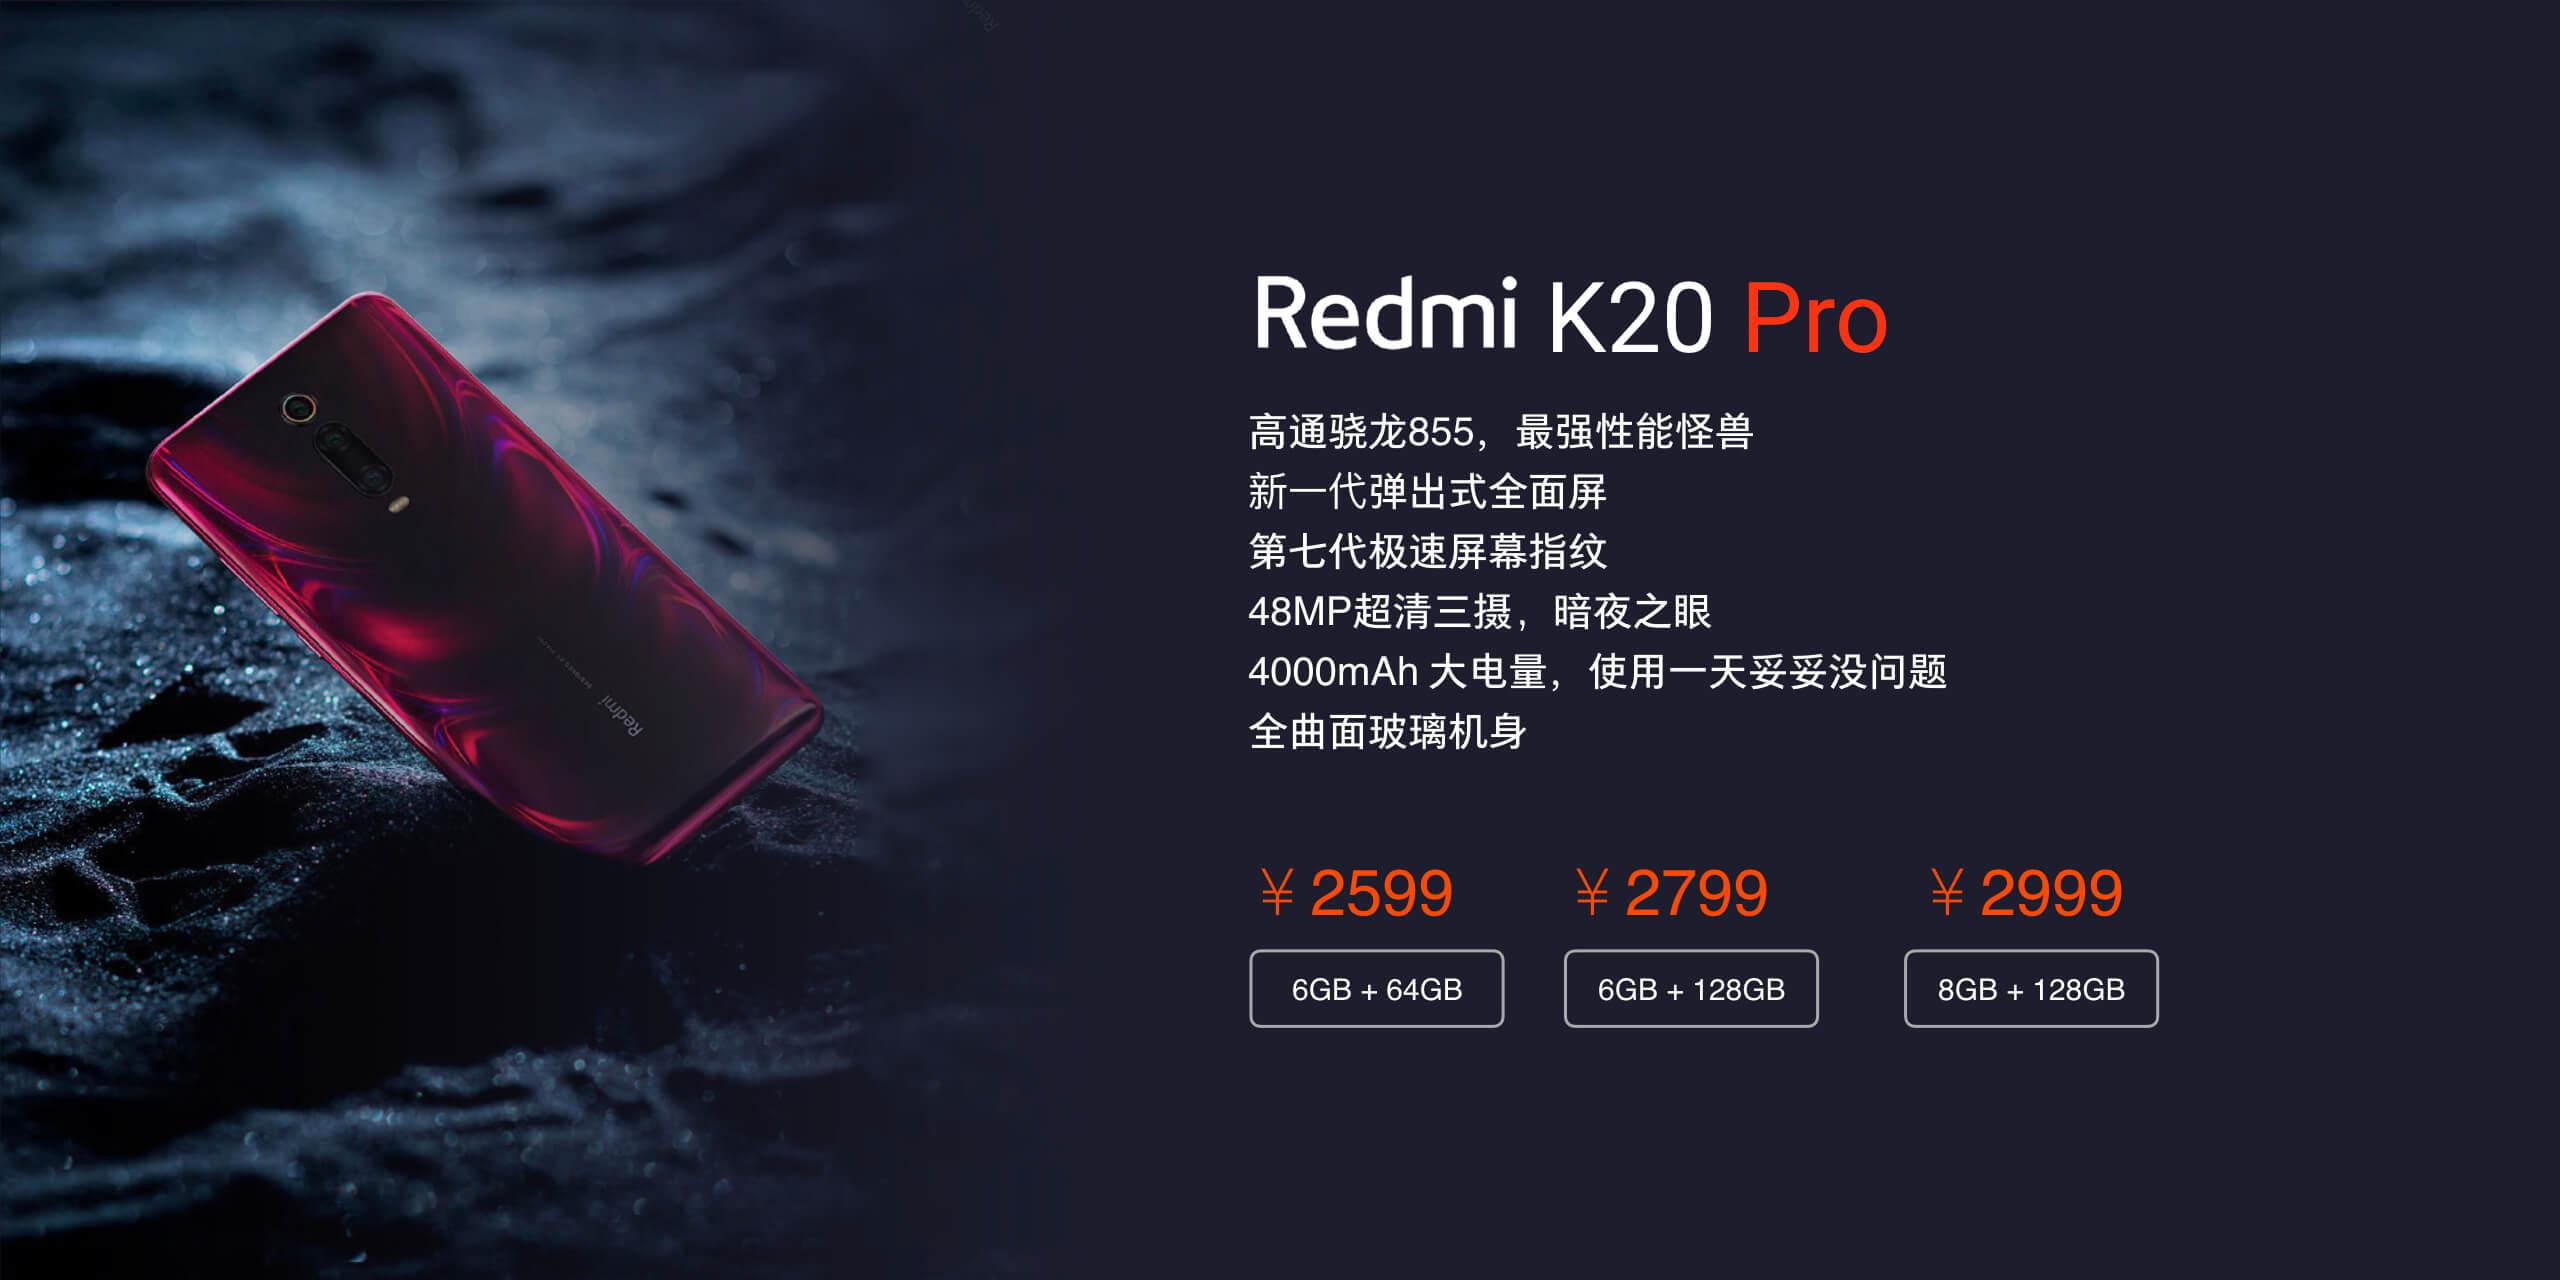 Redmi K20 Pro ceny